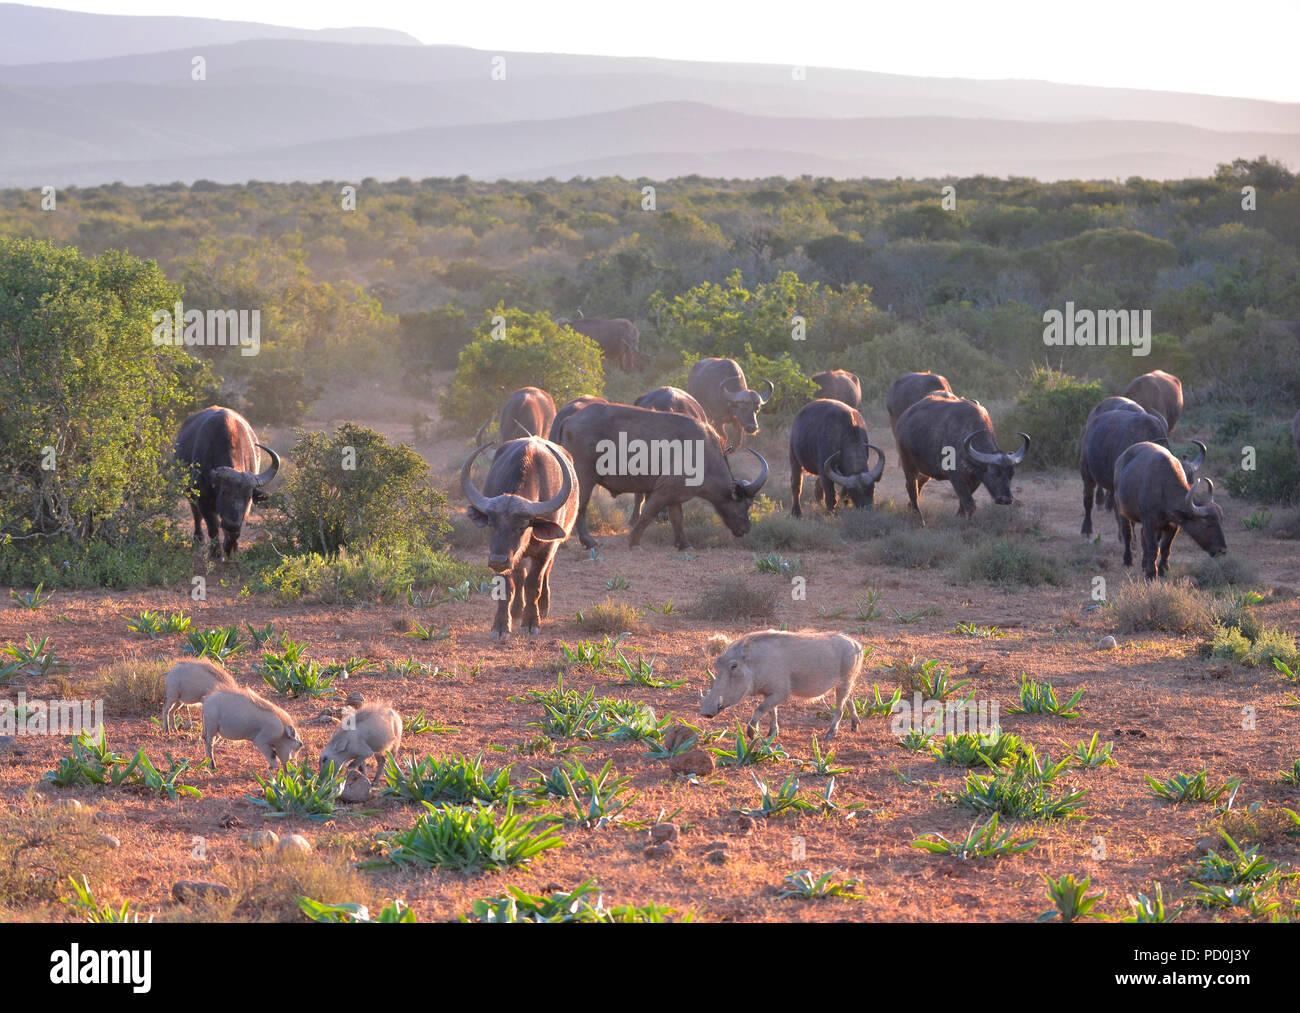 Südafrika. Büffelherde und Warzenschwein Familie friedlich zusammen im Addo Elephant National Park. Stockbild